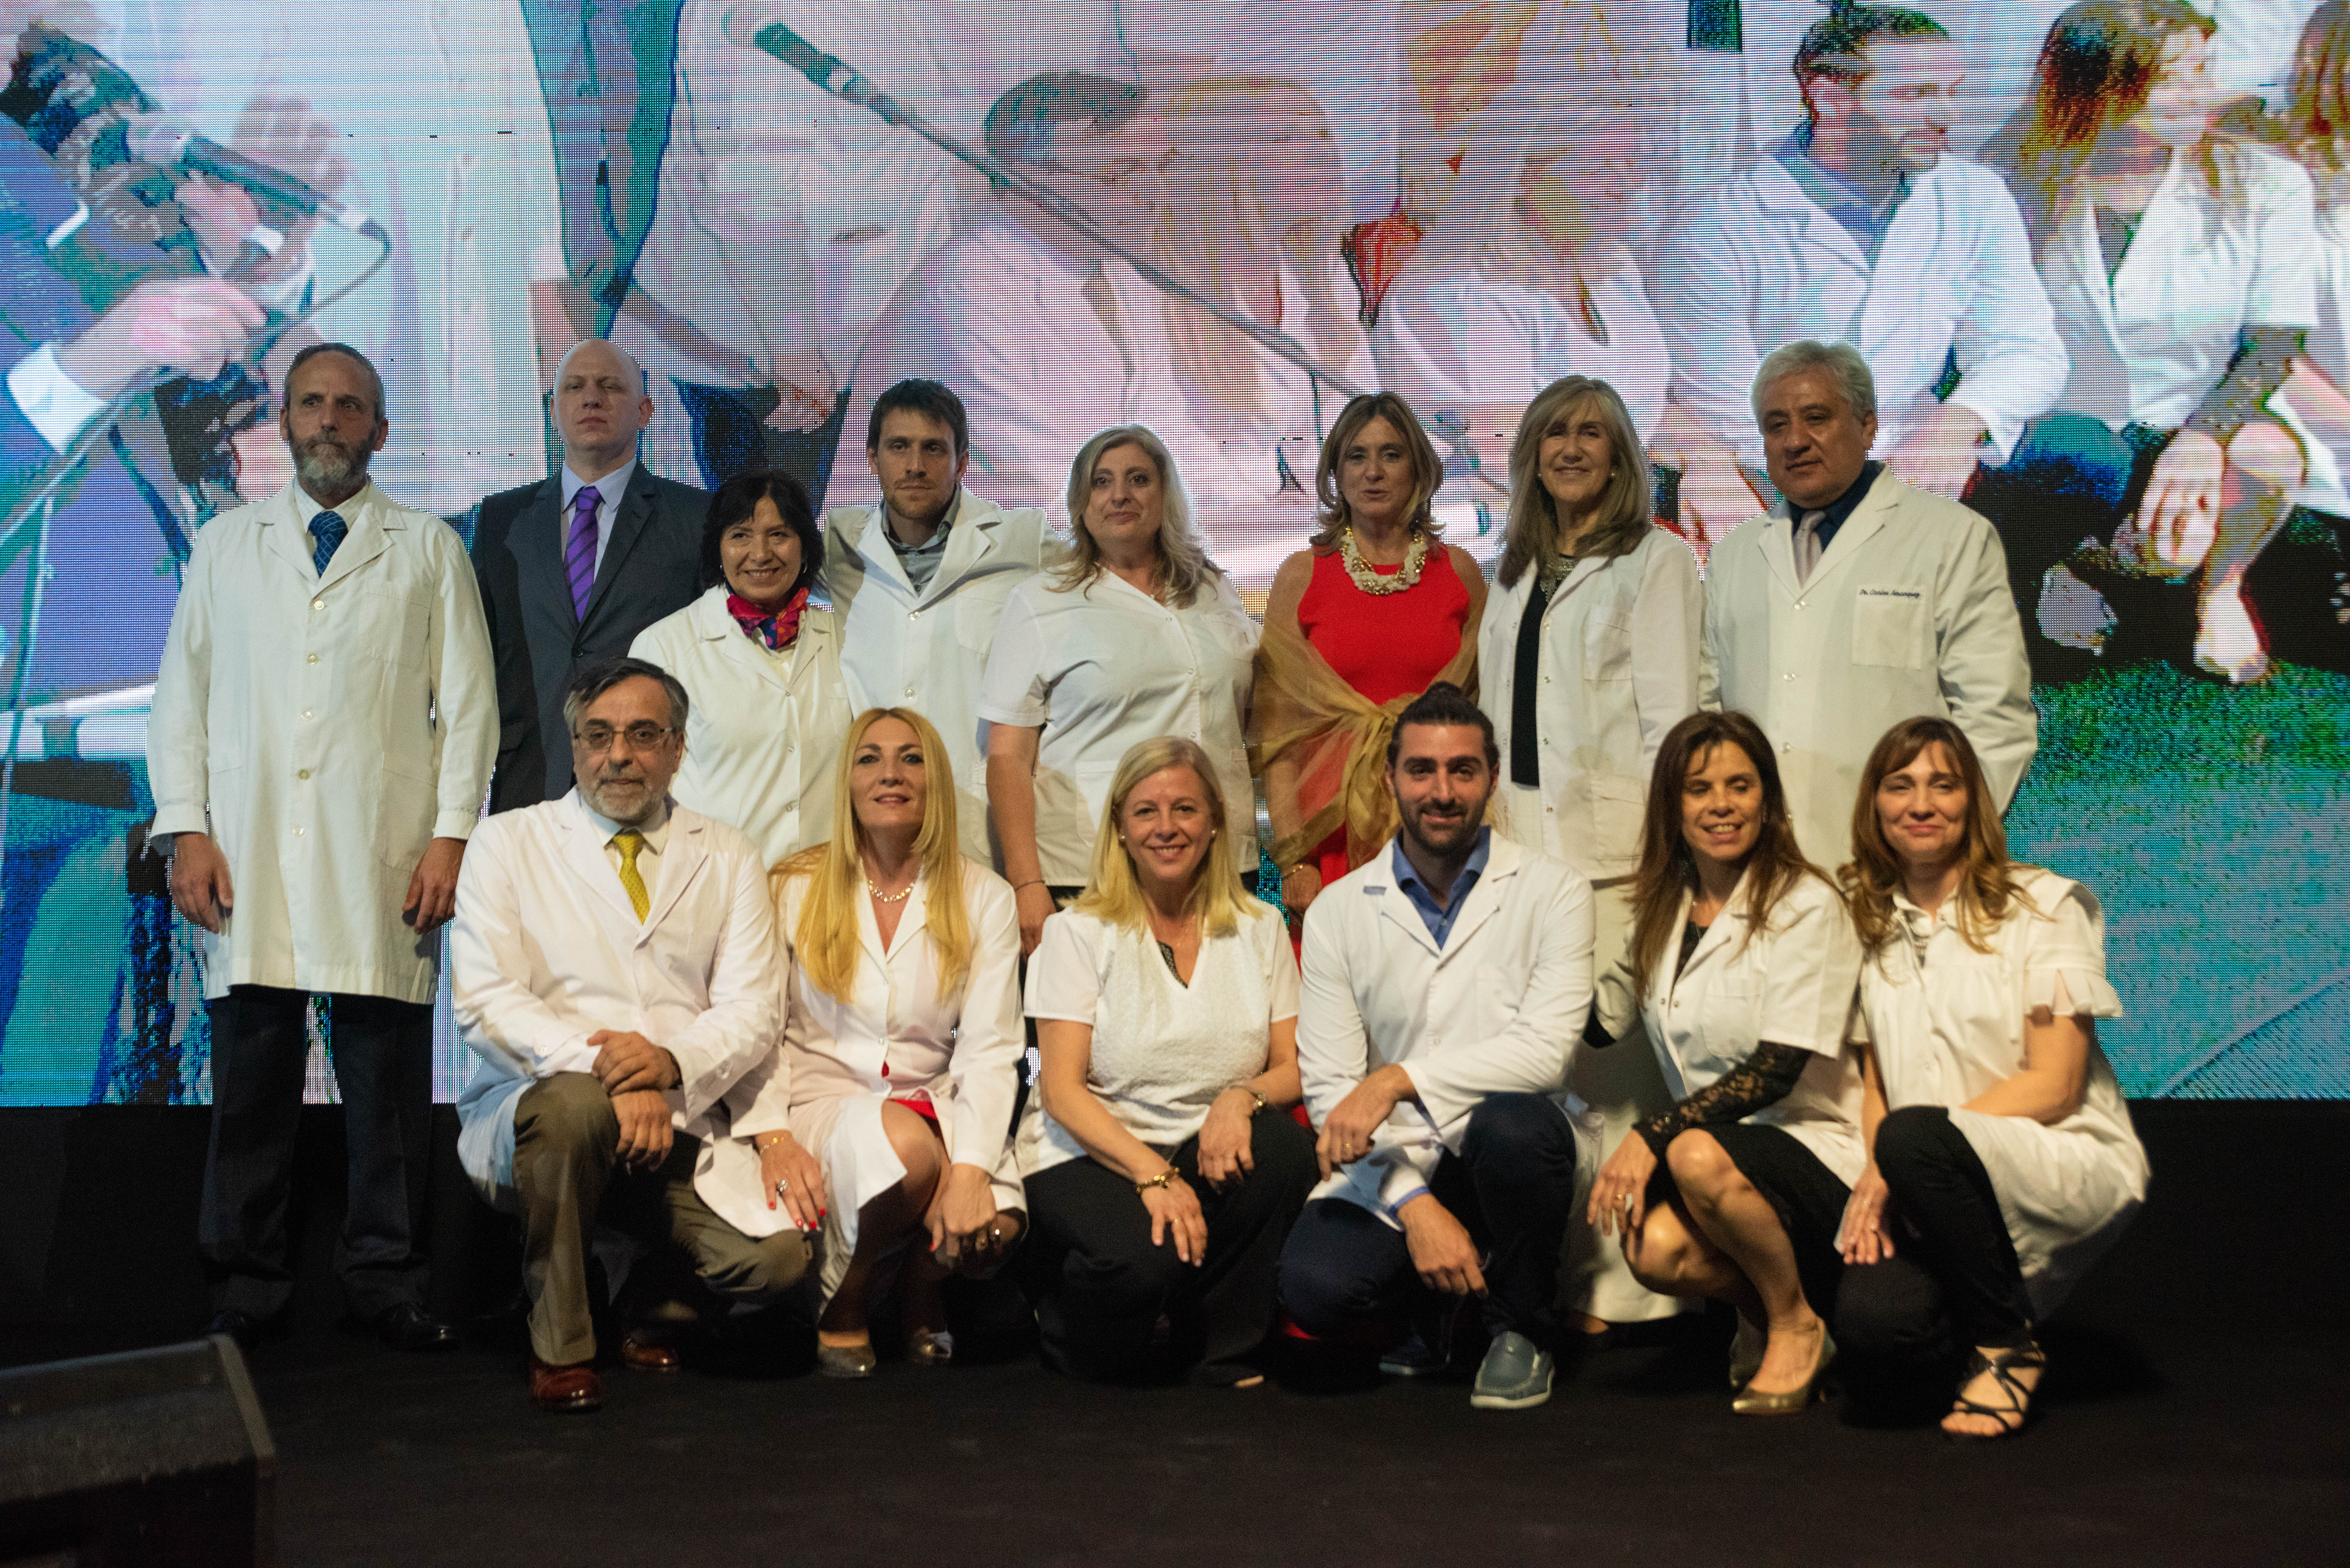 Josefina González Gerrico, presidente de COAS, y Fernando Cichero, director del Hospital de Rehabilitación Manuel Rocca, junto al equipo médico de ese nosocomio